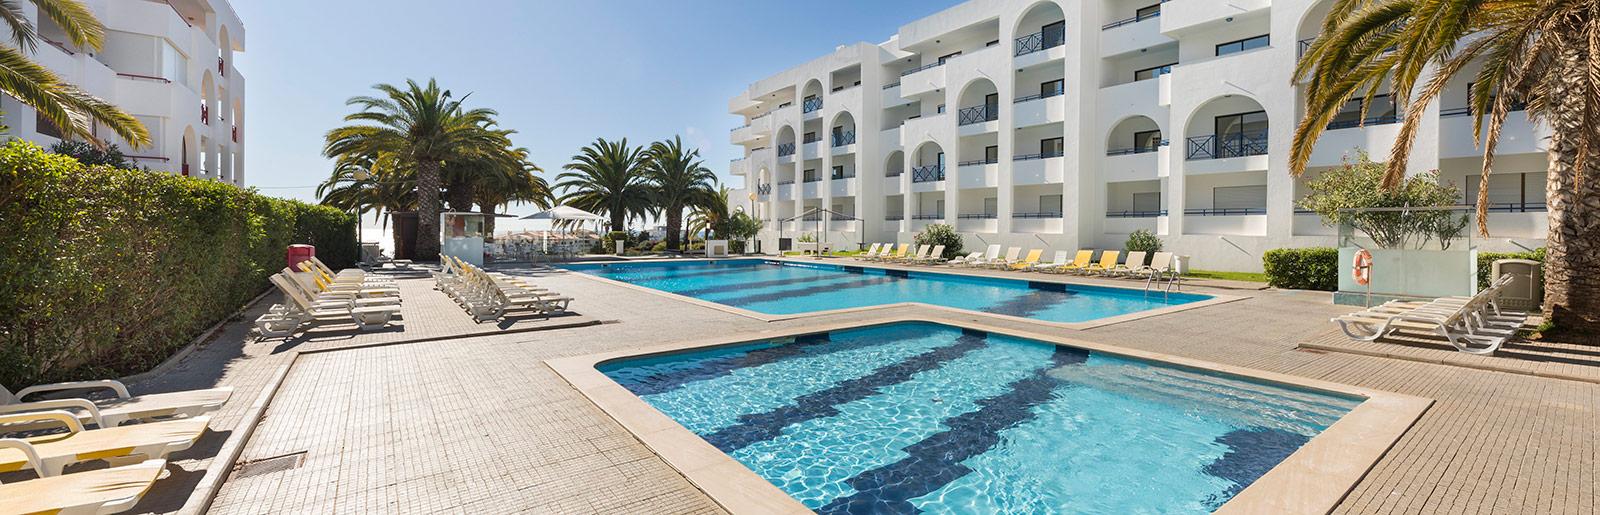 terrace-algarve-appartments-piscina.jpg